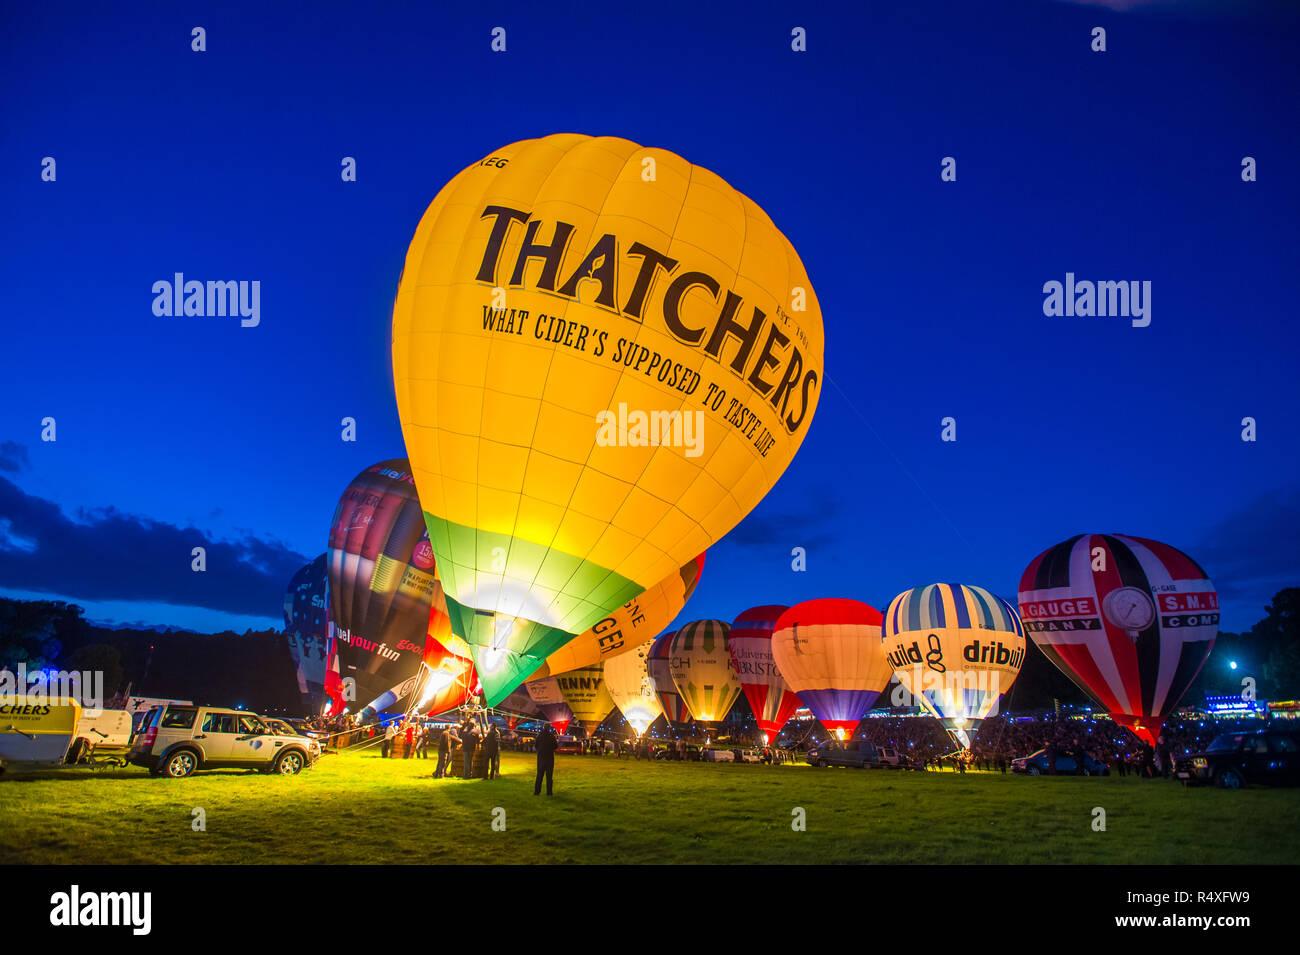 The Night Glow, Bristol Balloon Fiesta, 2017 - Stock Image